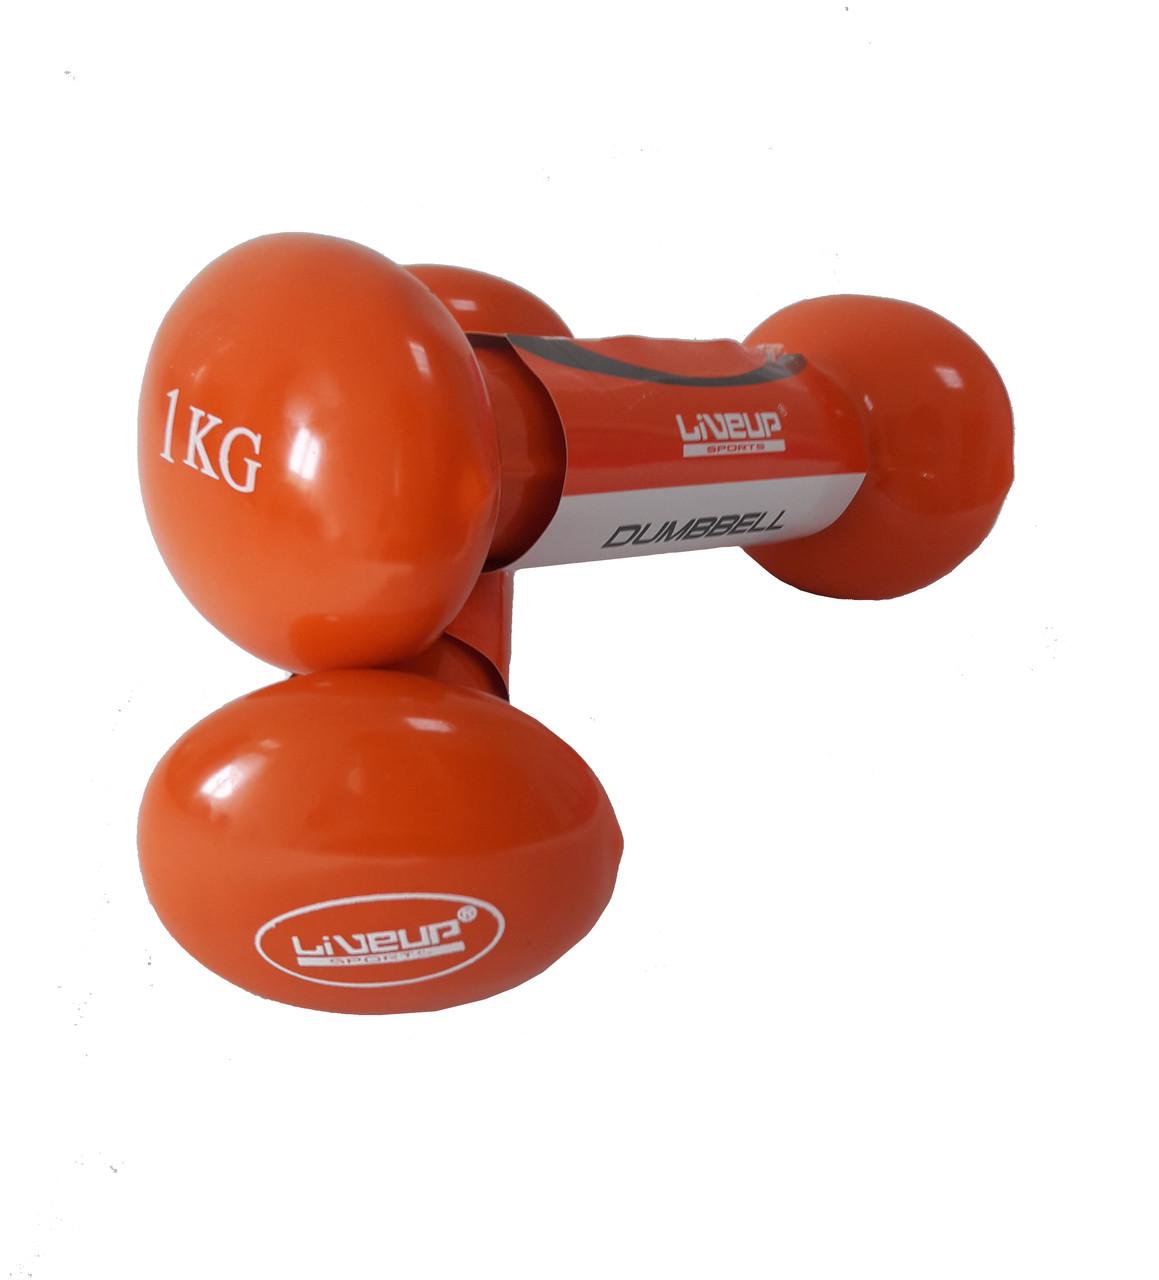 Гантели виниловые LiveUp 2*1 кг для фитнеса и аэробики, бокса, бега, спорта